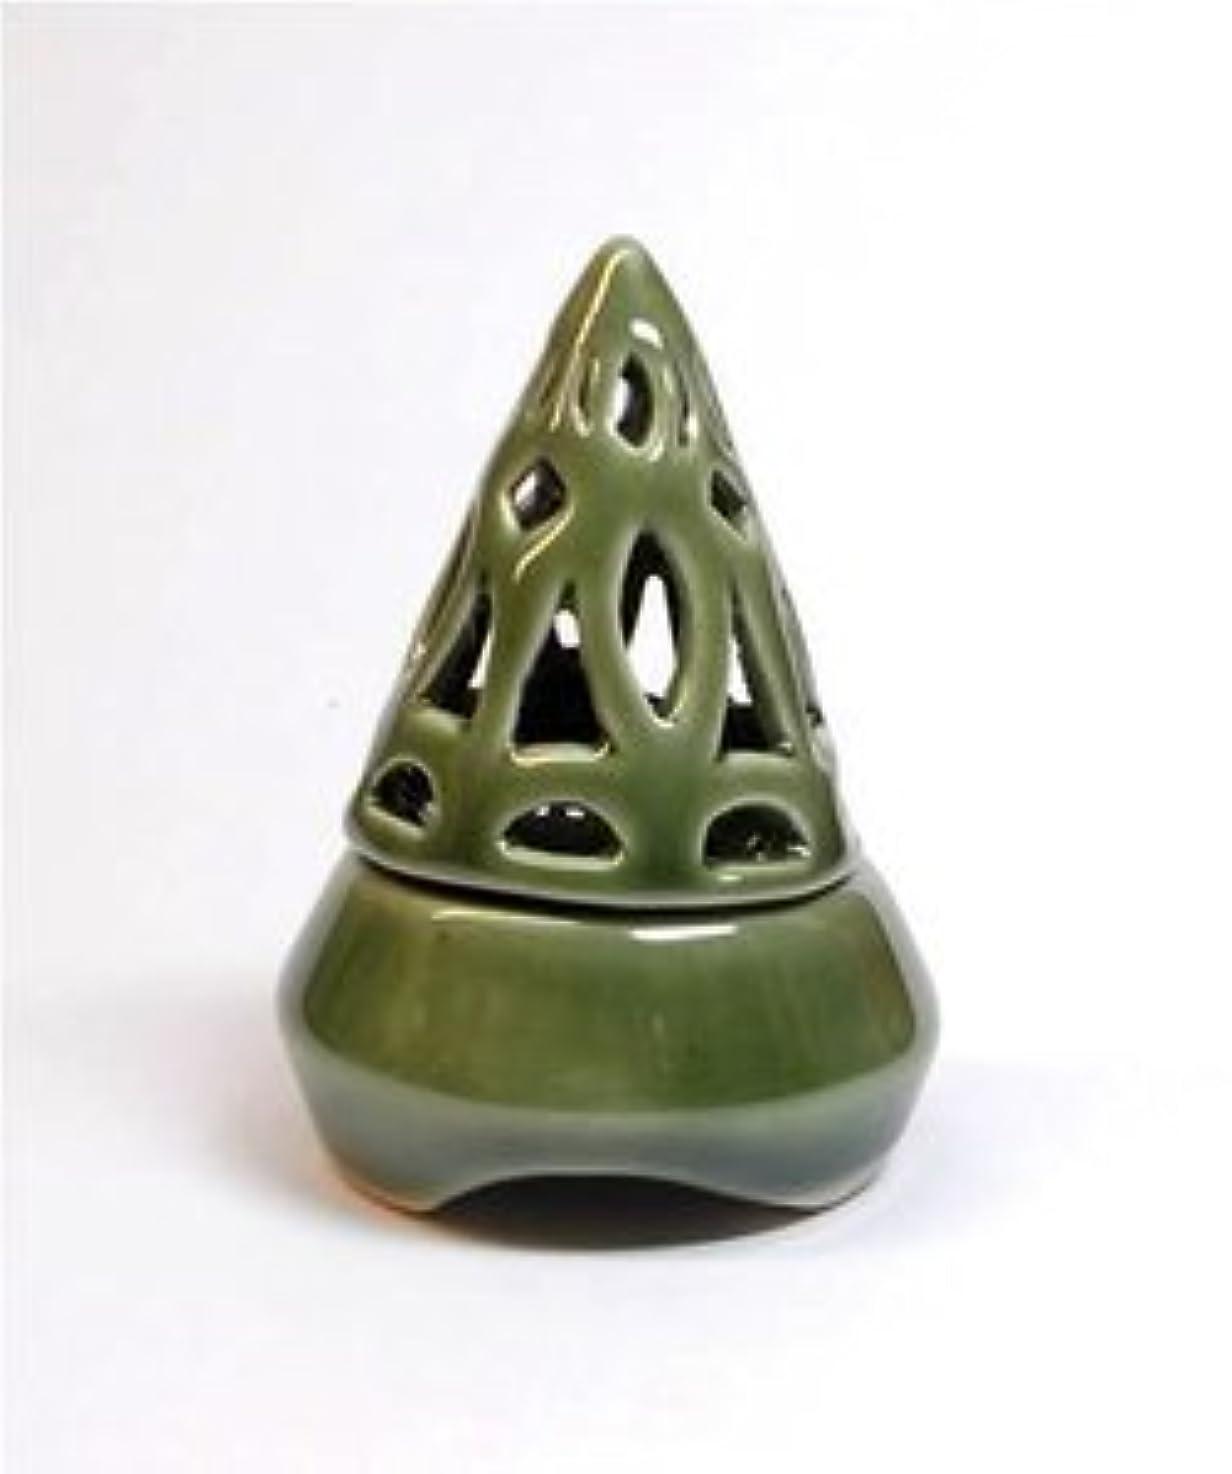 欠乏現在早い香炉コーン型 緑 インセンス ホルダー コーン用 お香立て アジアン雑貨